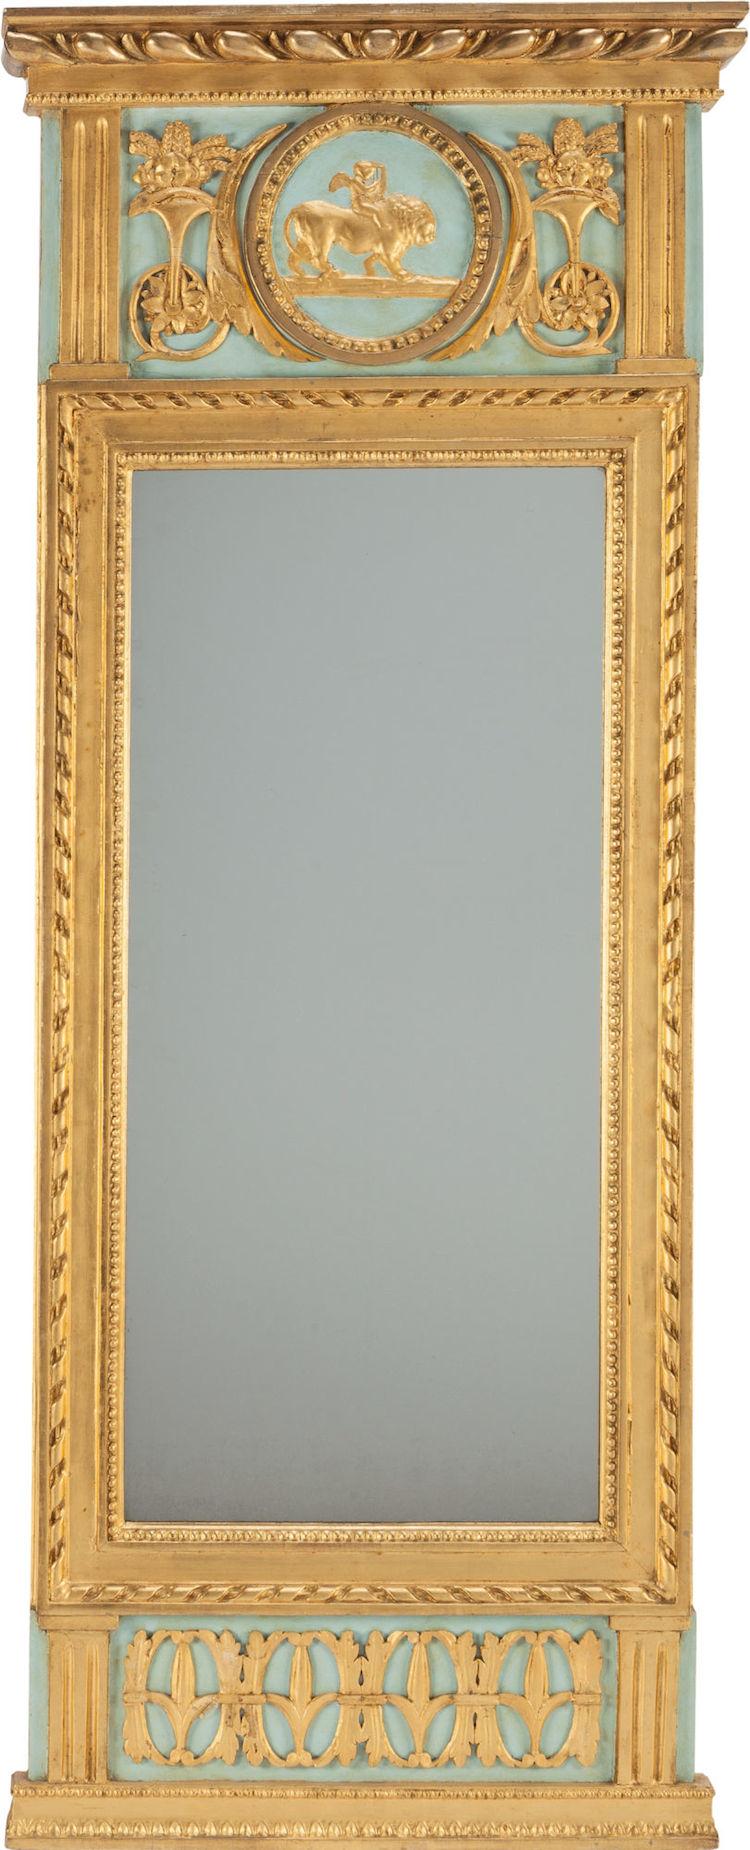 En fransk Ludvig XVI spegel i förgyllt trä, från cirka 1790. Utropspris 6 900 SEK, Heritage Auctions